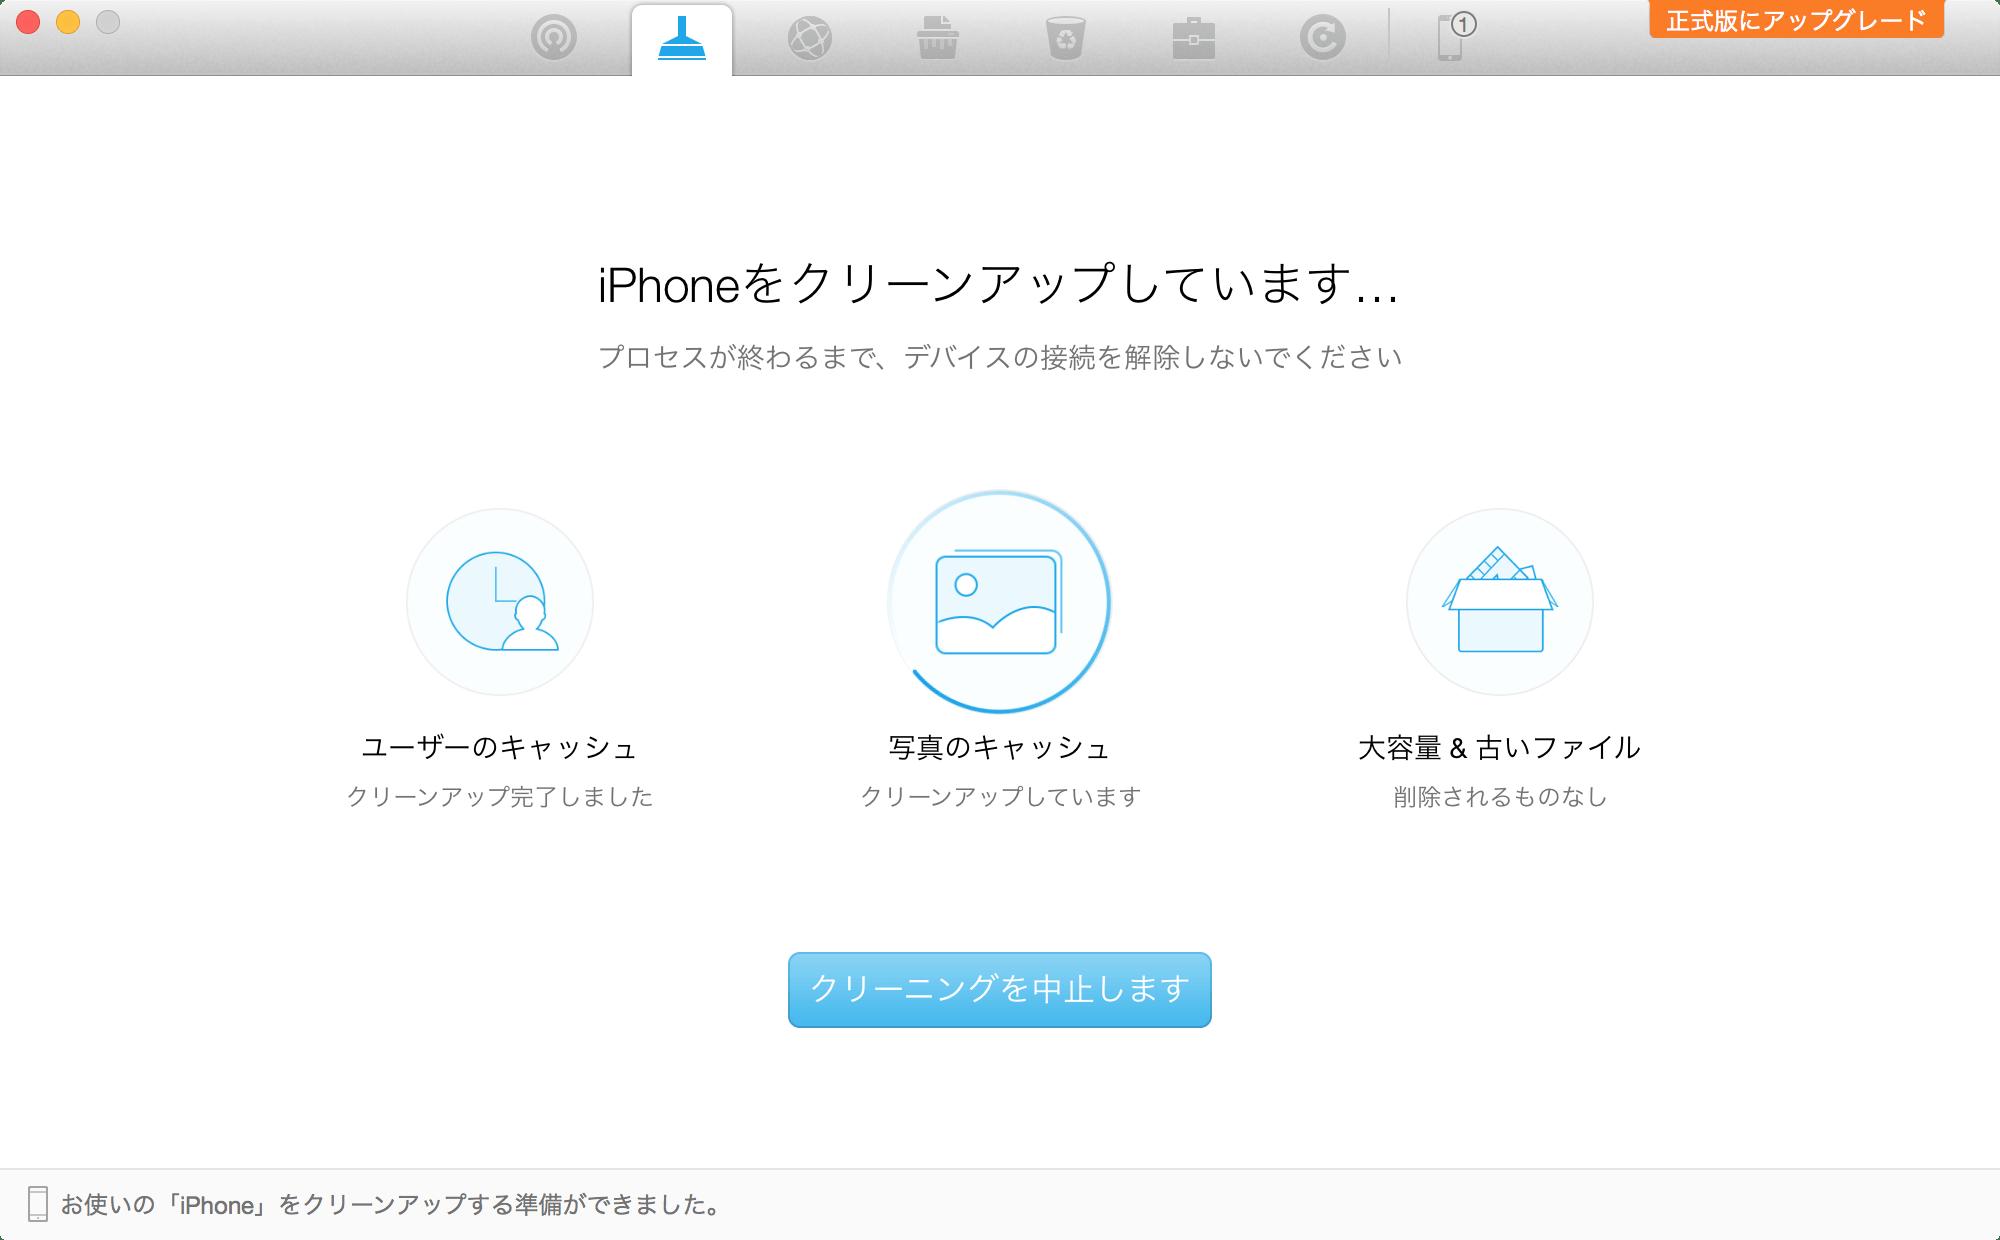 09_20160128_iphoneclean4.0